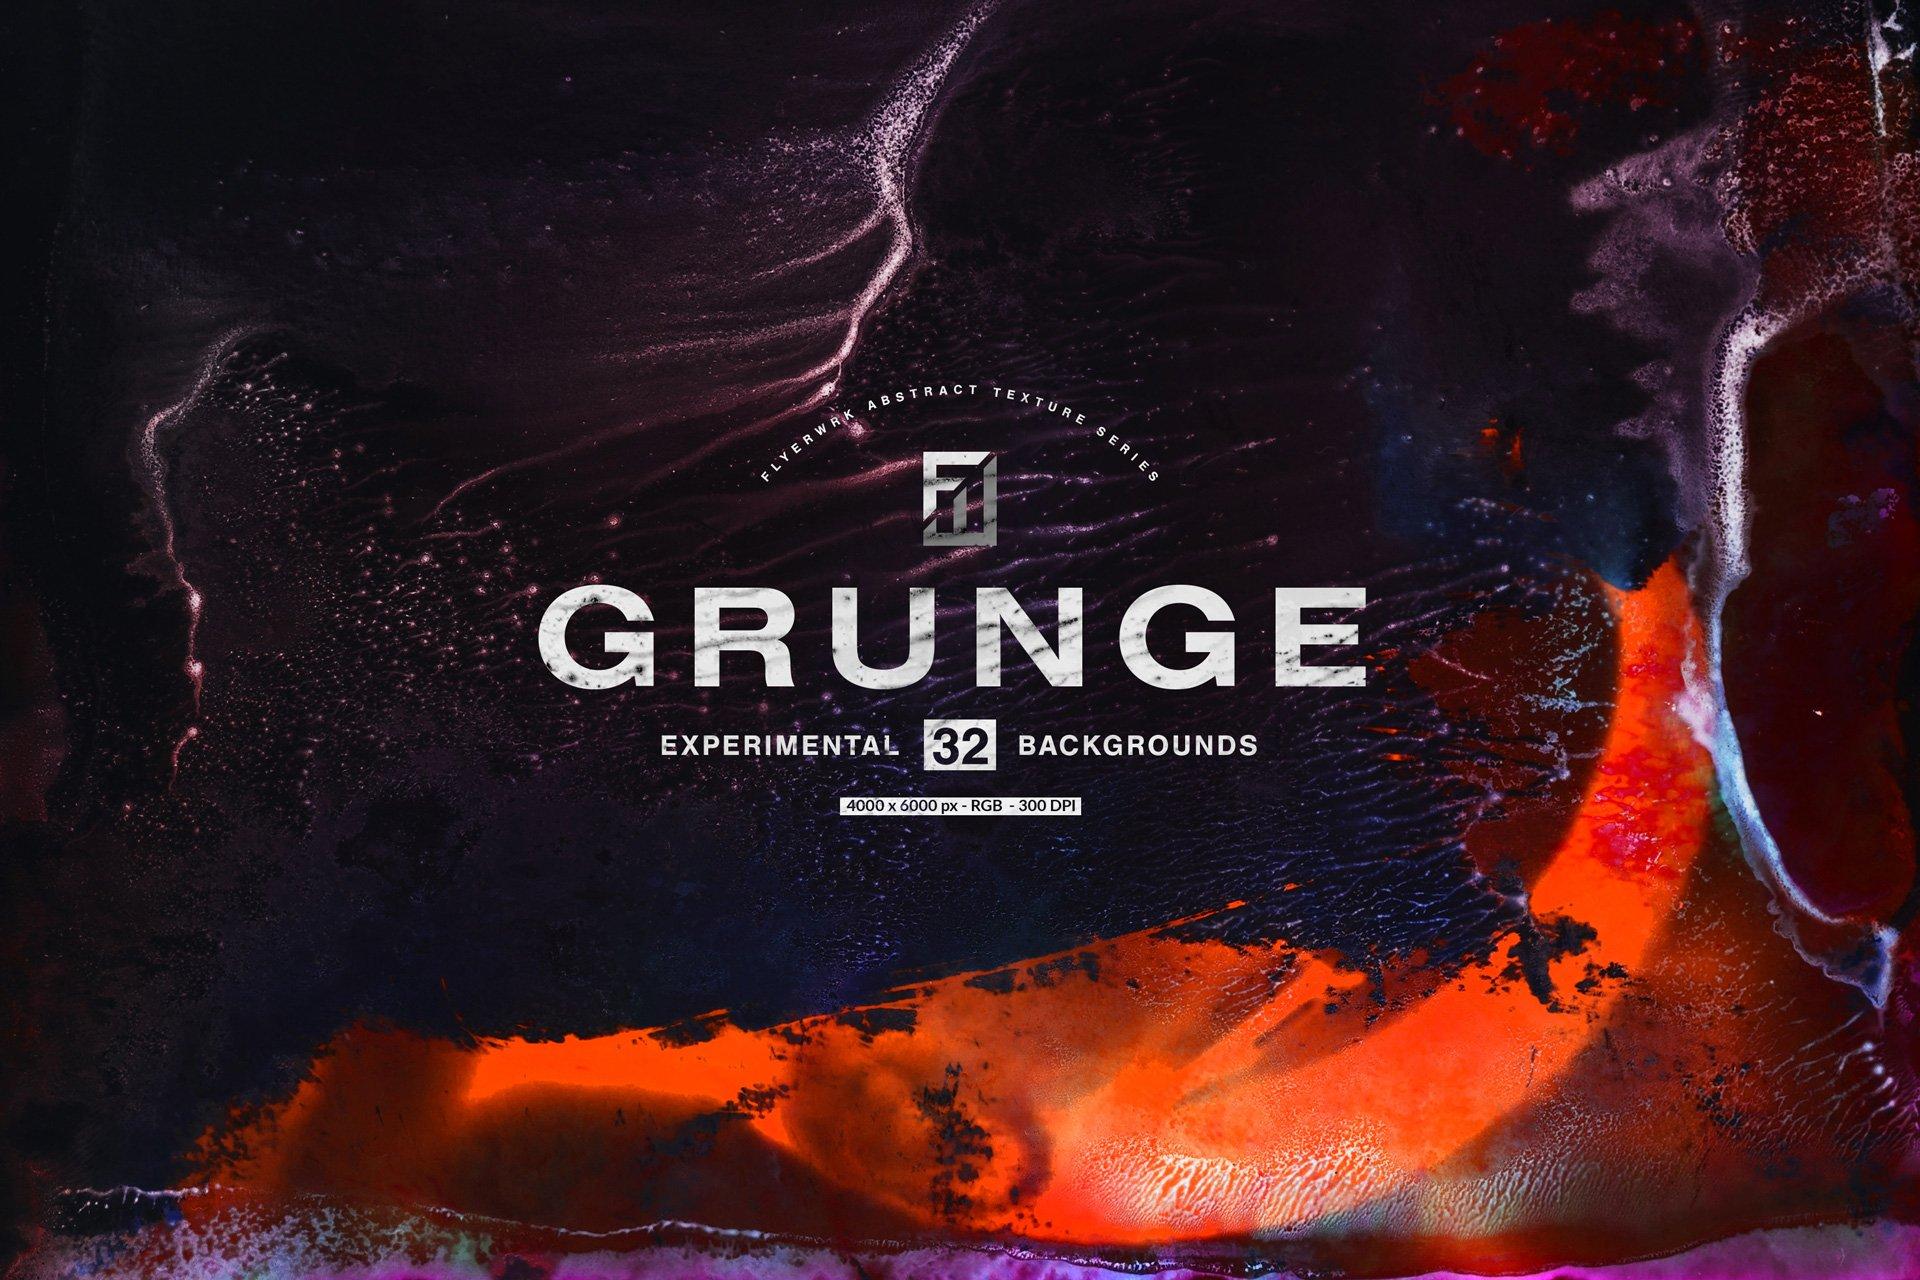 [淘宝购买] 32款潮流高清炫酷丙烯酸背景纹理图片设计素材 Grunge – 32 Experimental Backgrounds插图